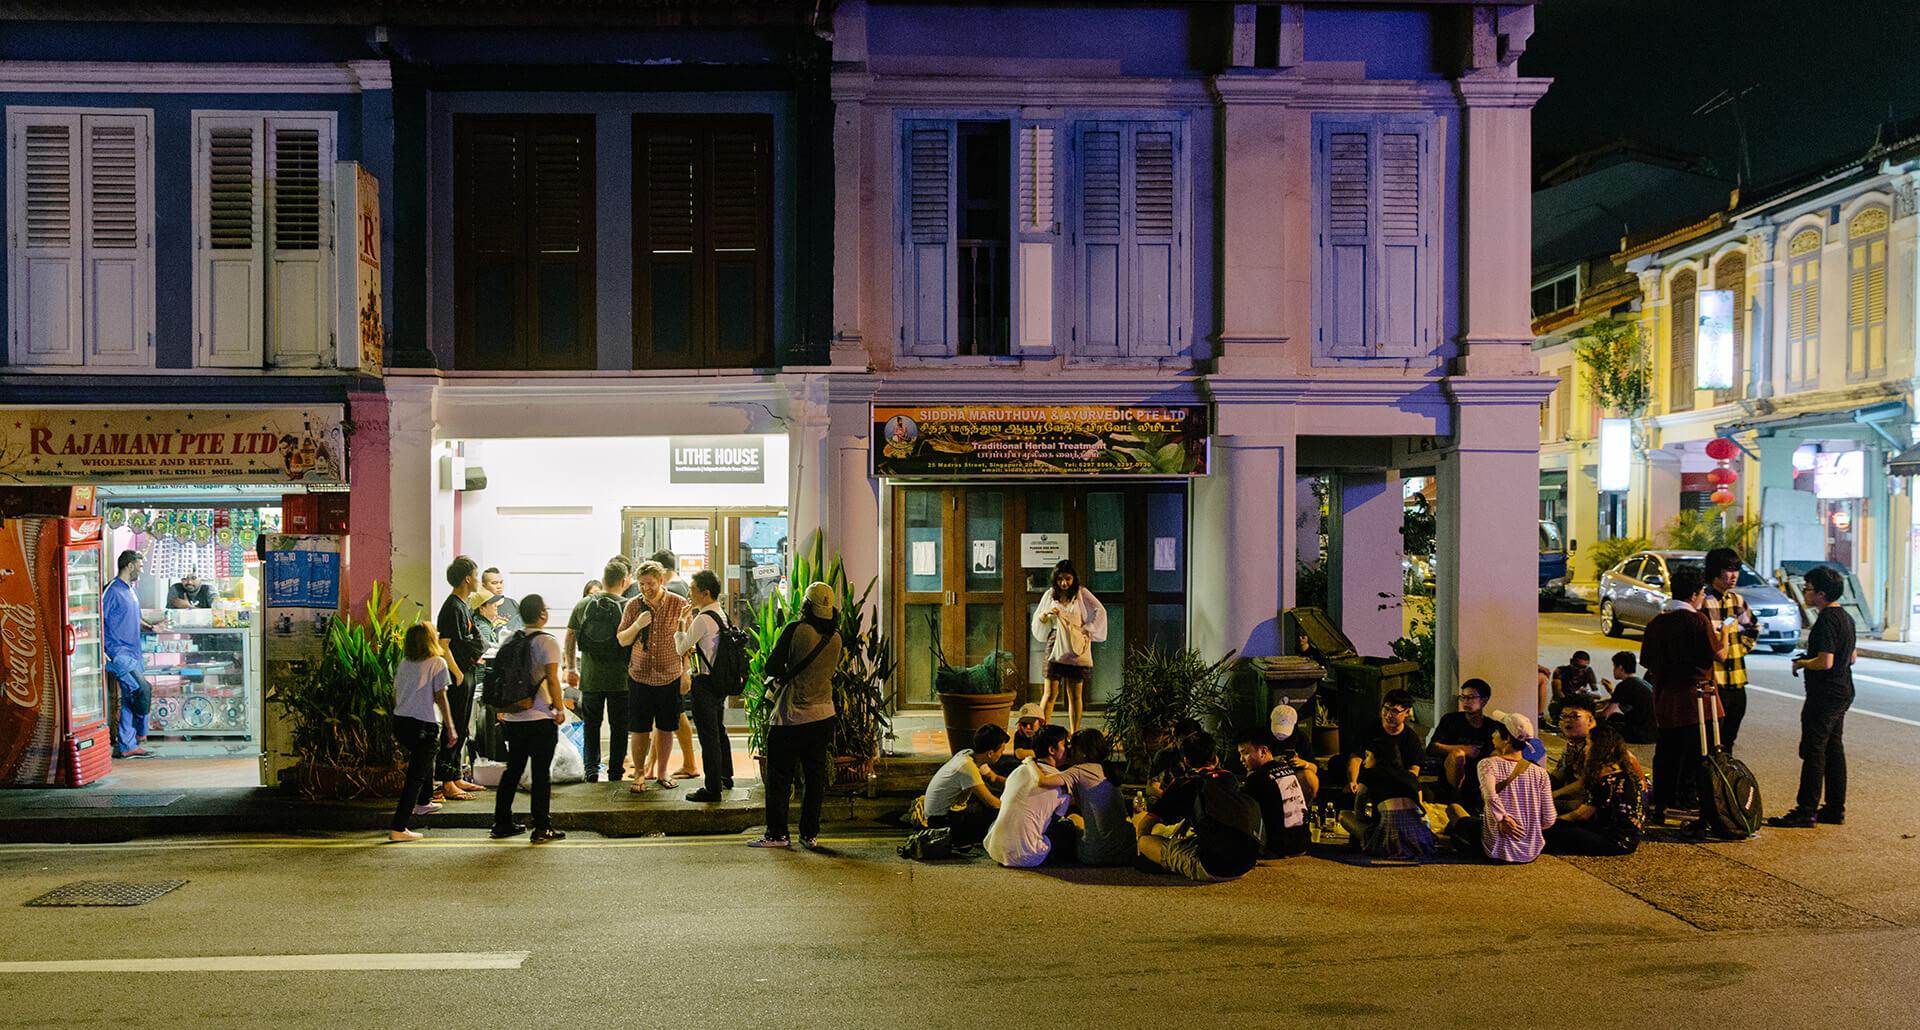 場地只容納三十多人,樂迷進不了場,或者想透透氣,便索性坐在街邊。